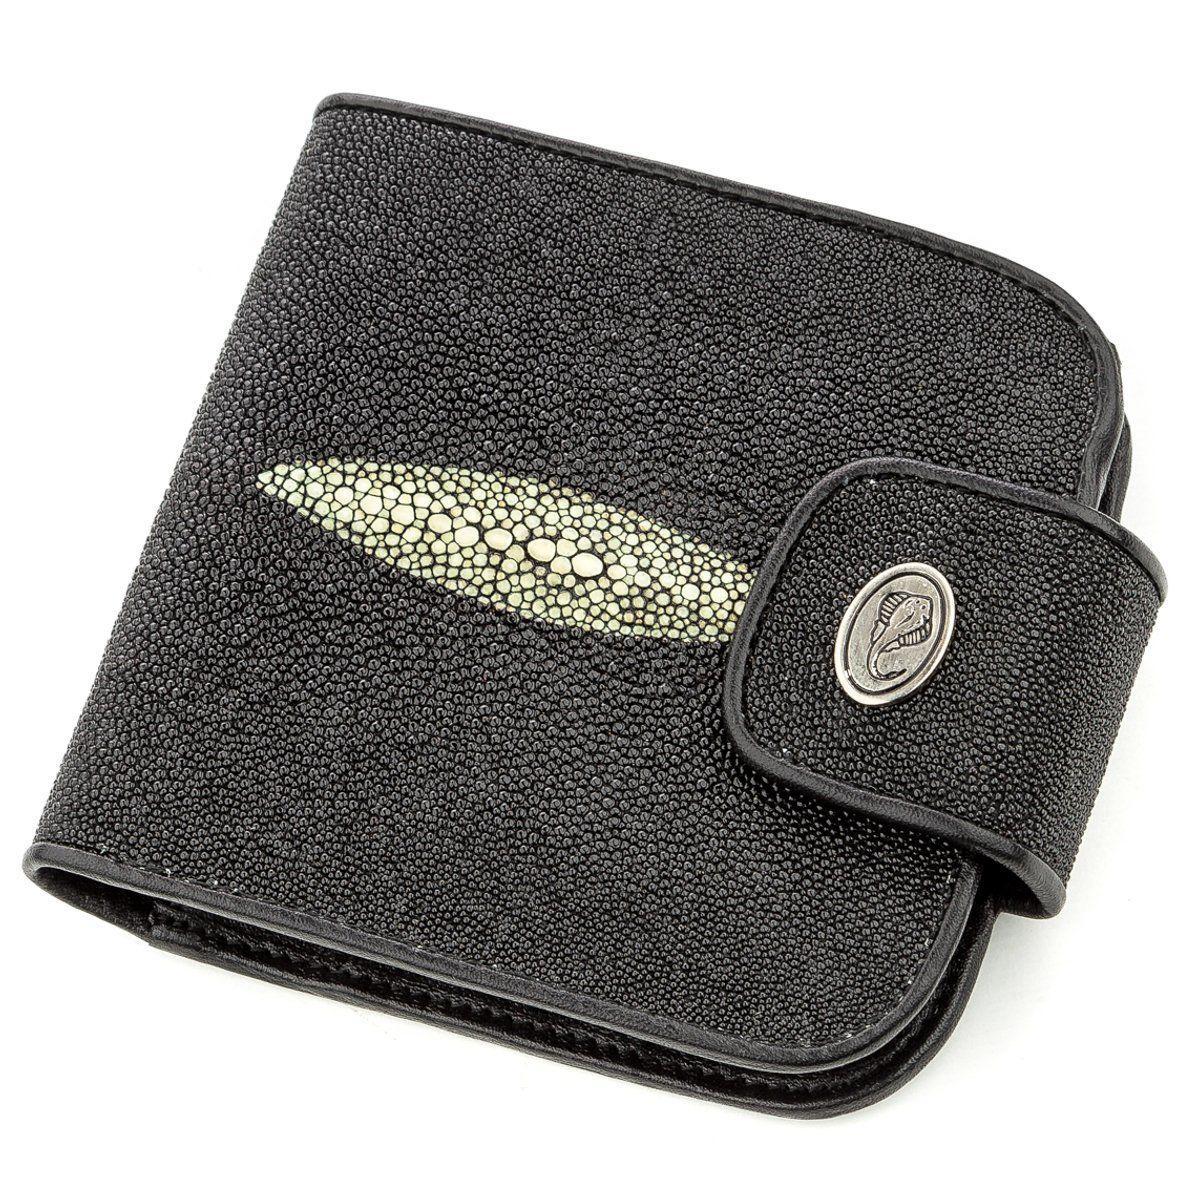 Горизонтальний гаманець STINGRAY LEATHER 18561 з натуральної шкіри морського скату Чорний, Чорний